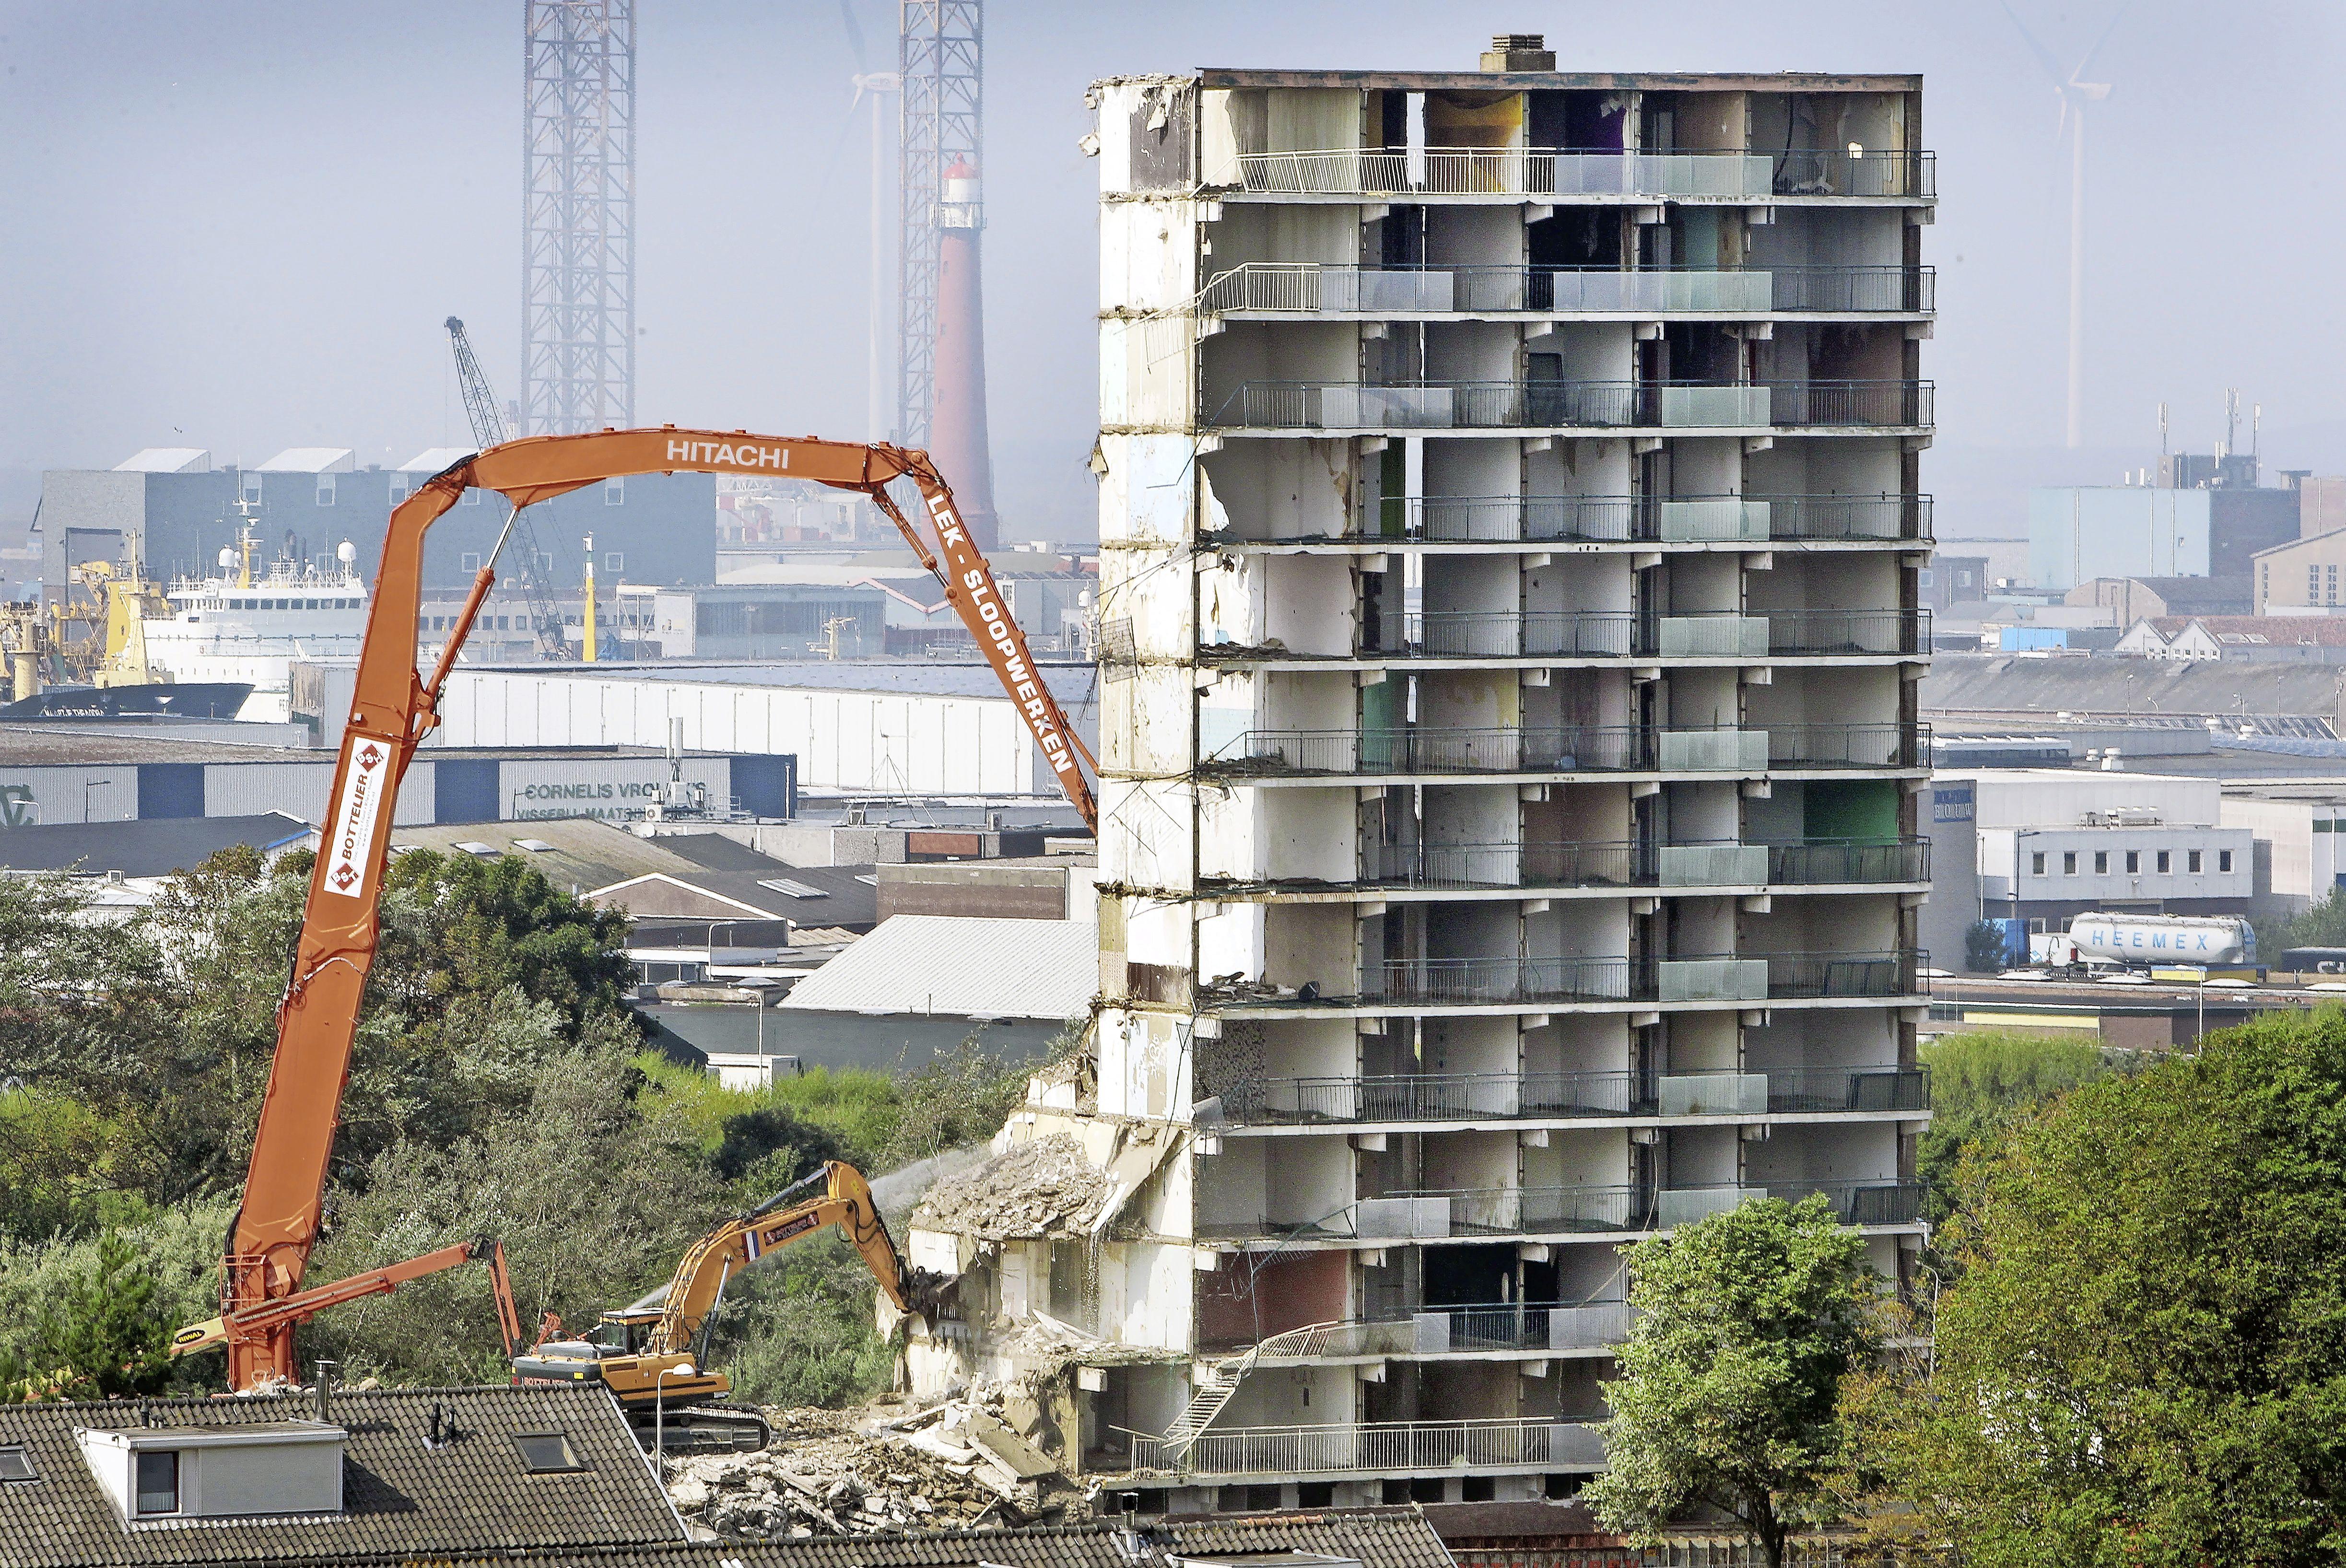 De gemeente Velsen is ineens duizend huizen kwijt, maar weet eigenlijk niet goed waarom